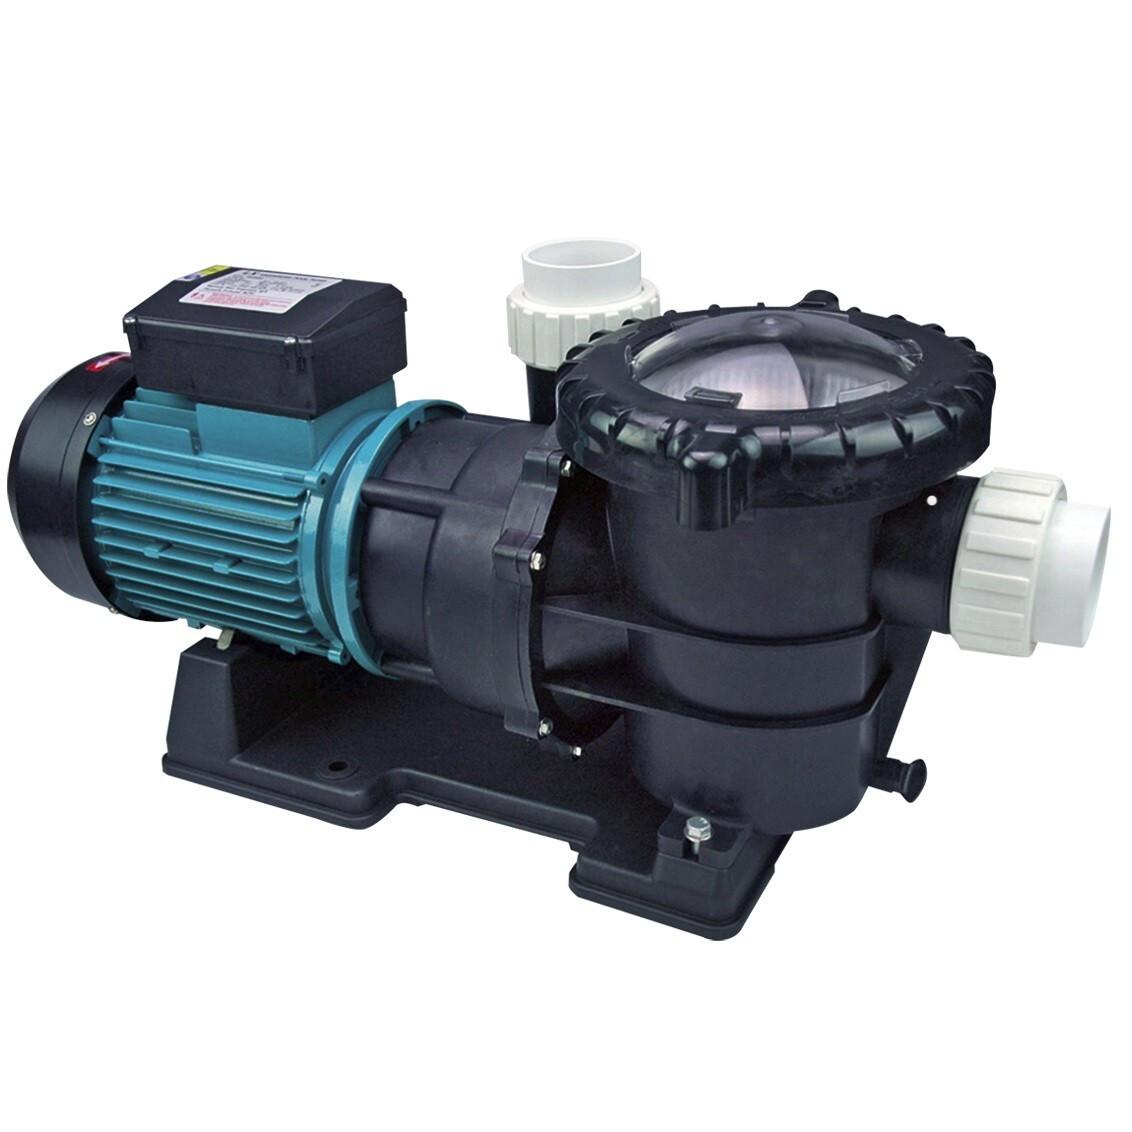 Насос AquaViva LX STP250T (380В, 27 м3/ч, 2.5HP)